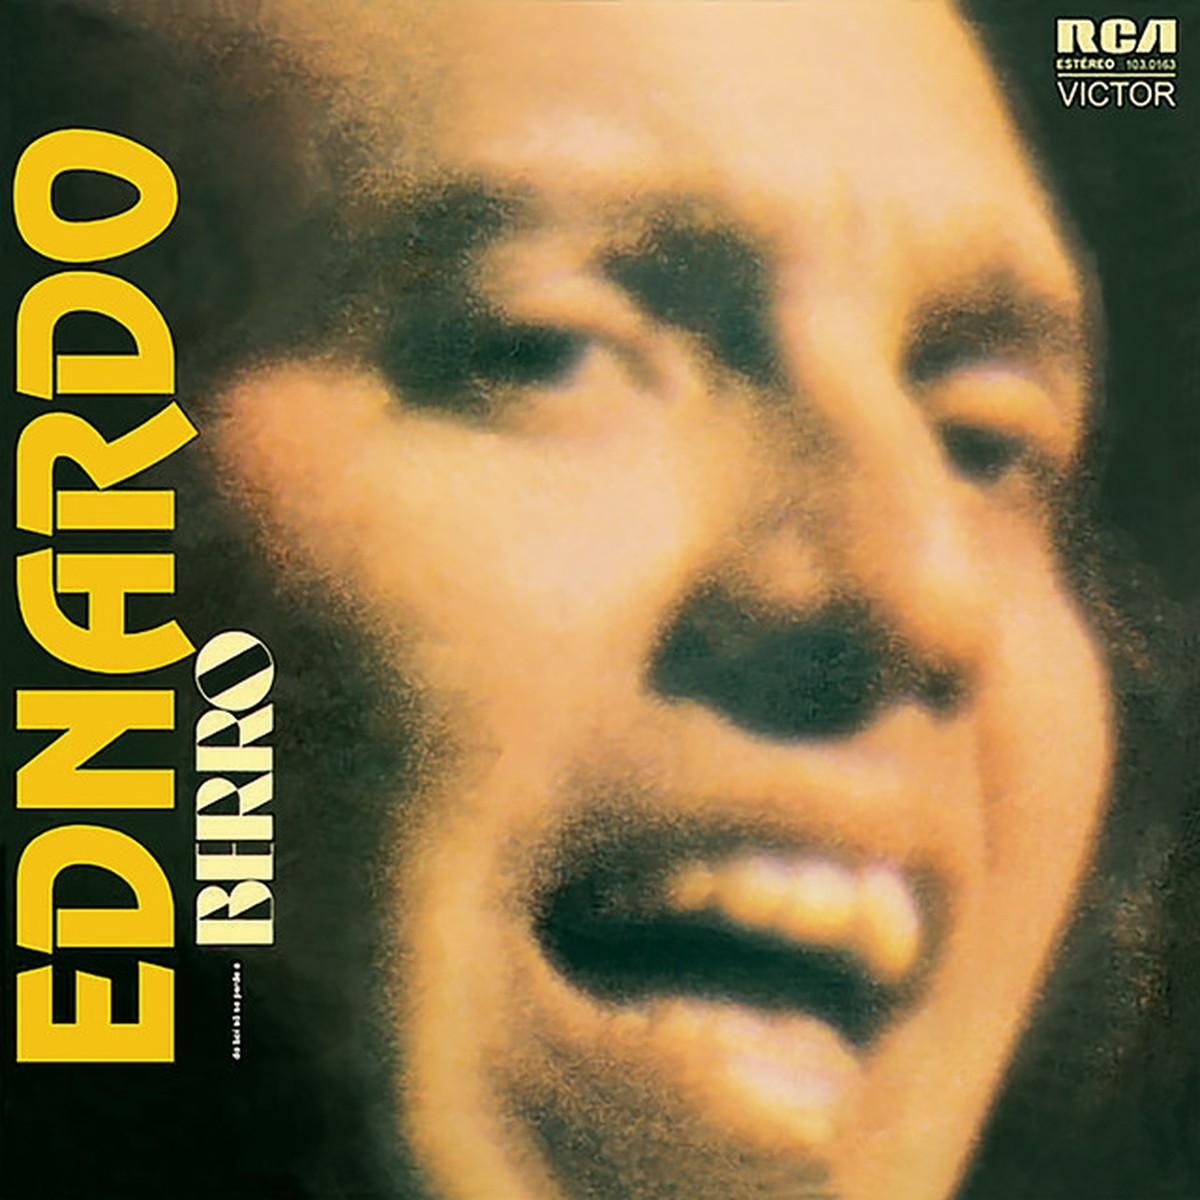 Músicas para descobrir em casa – 'Passeio público' (Ednardo, 1976) com Ednardo   Blog do Mauro Ferreira